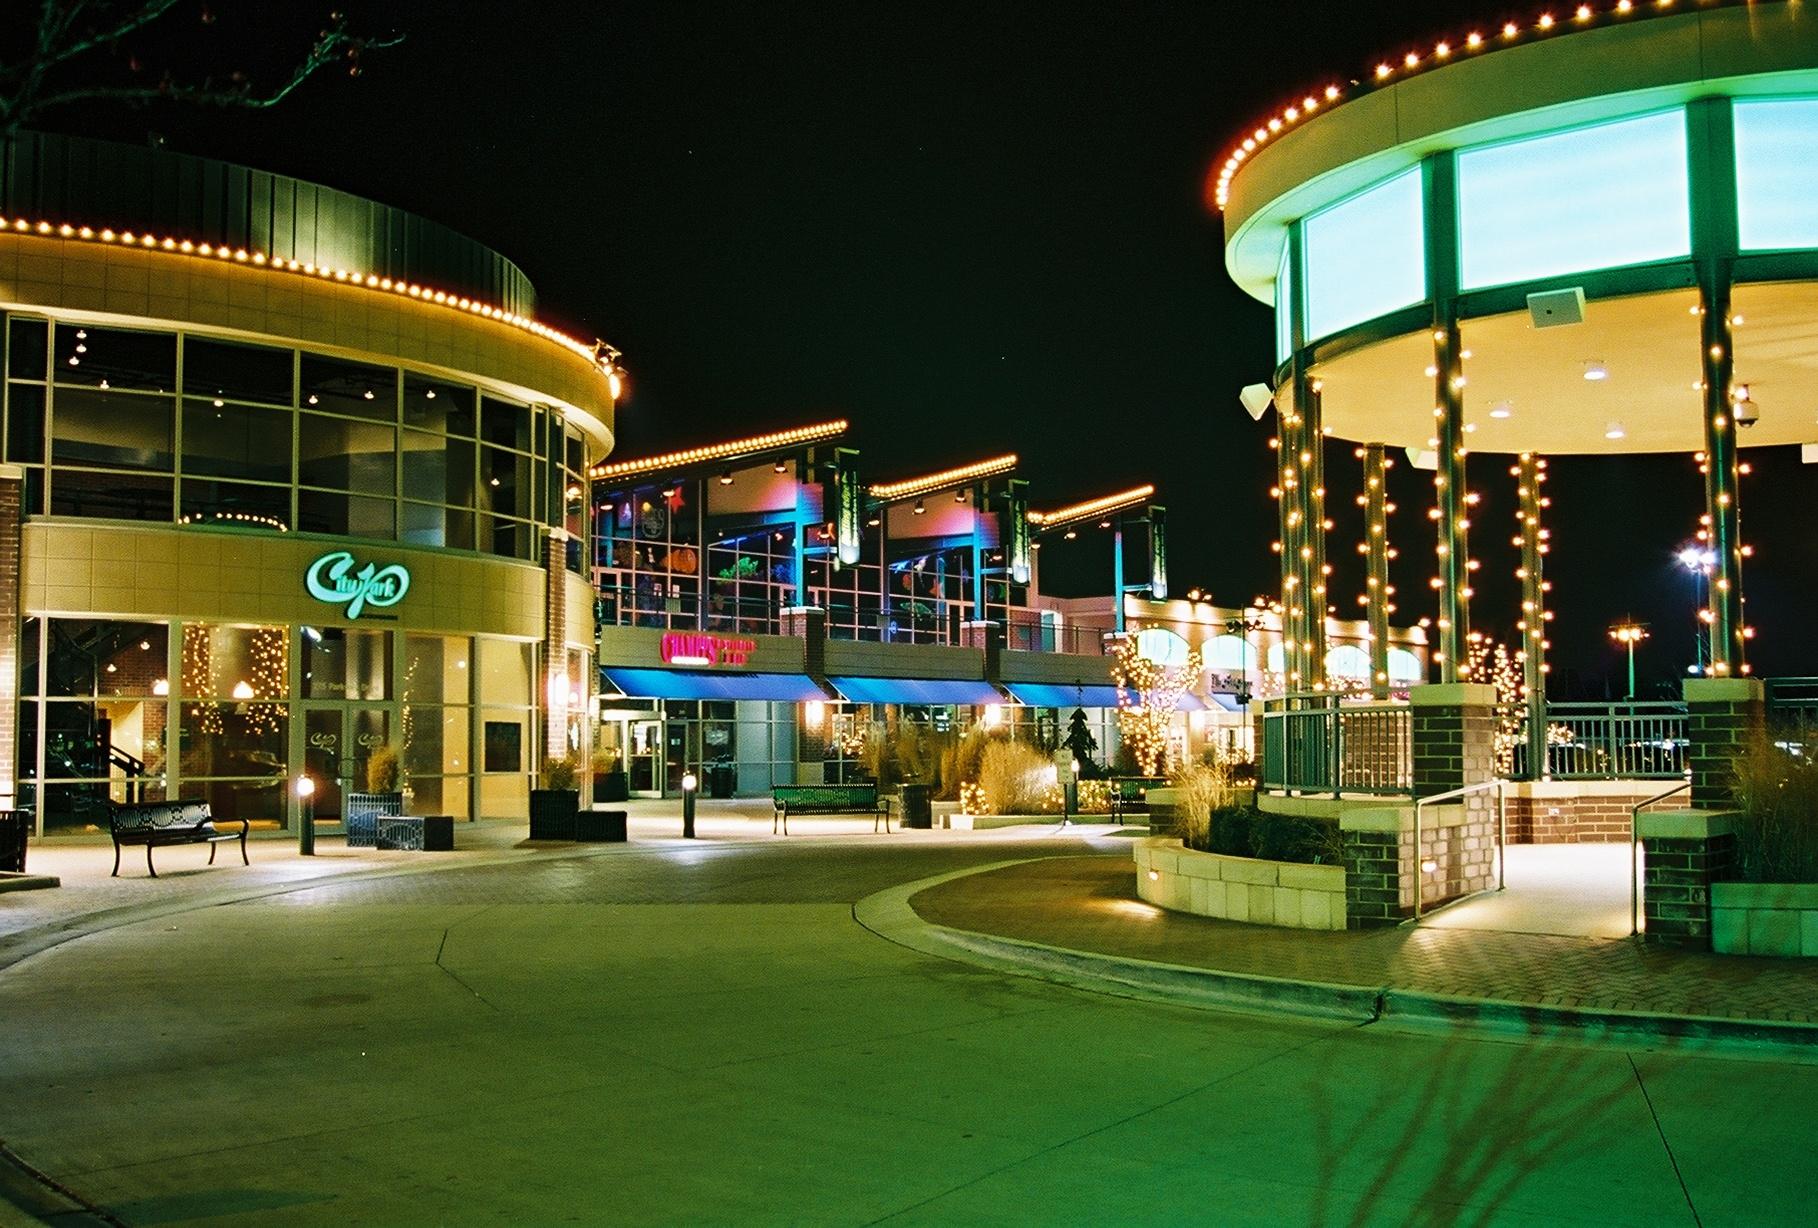 250-City at night1.JPG